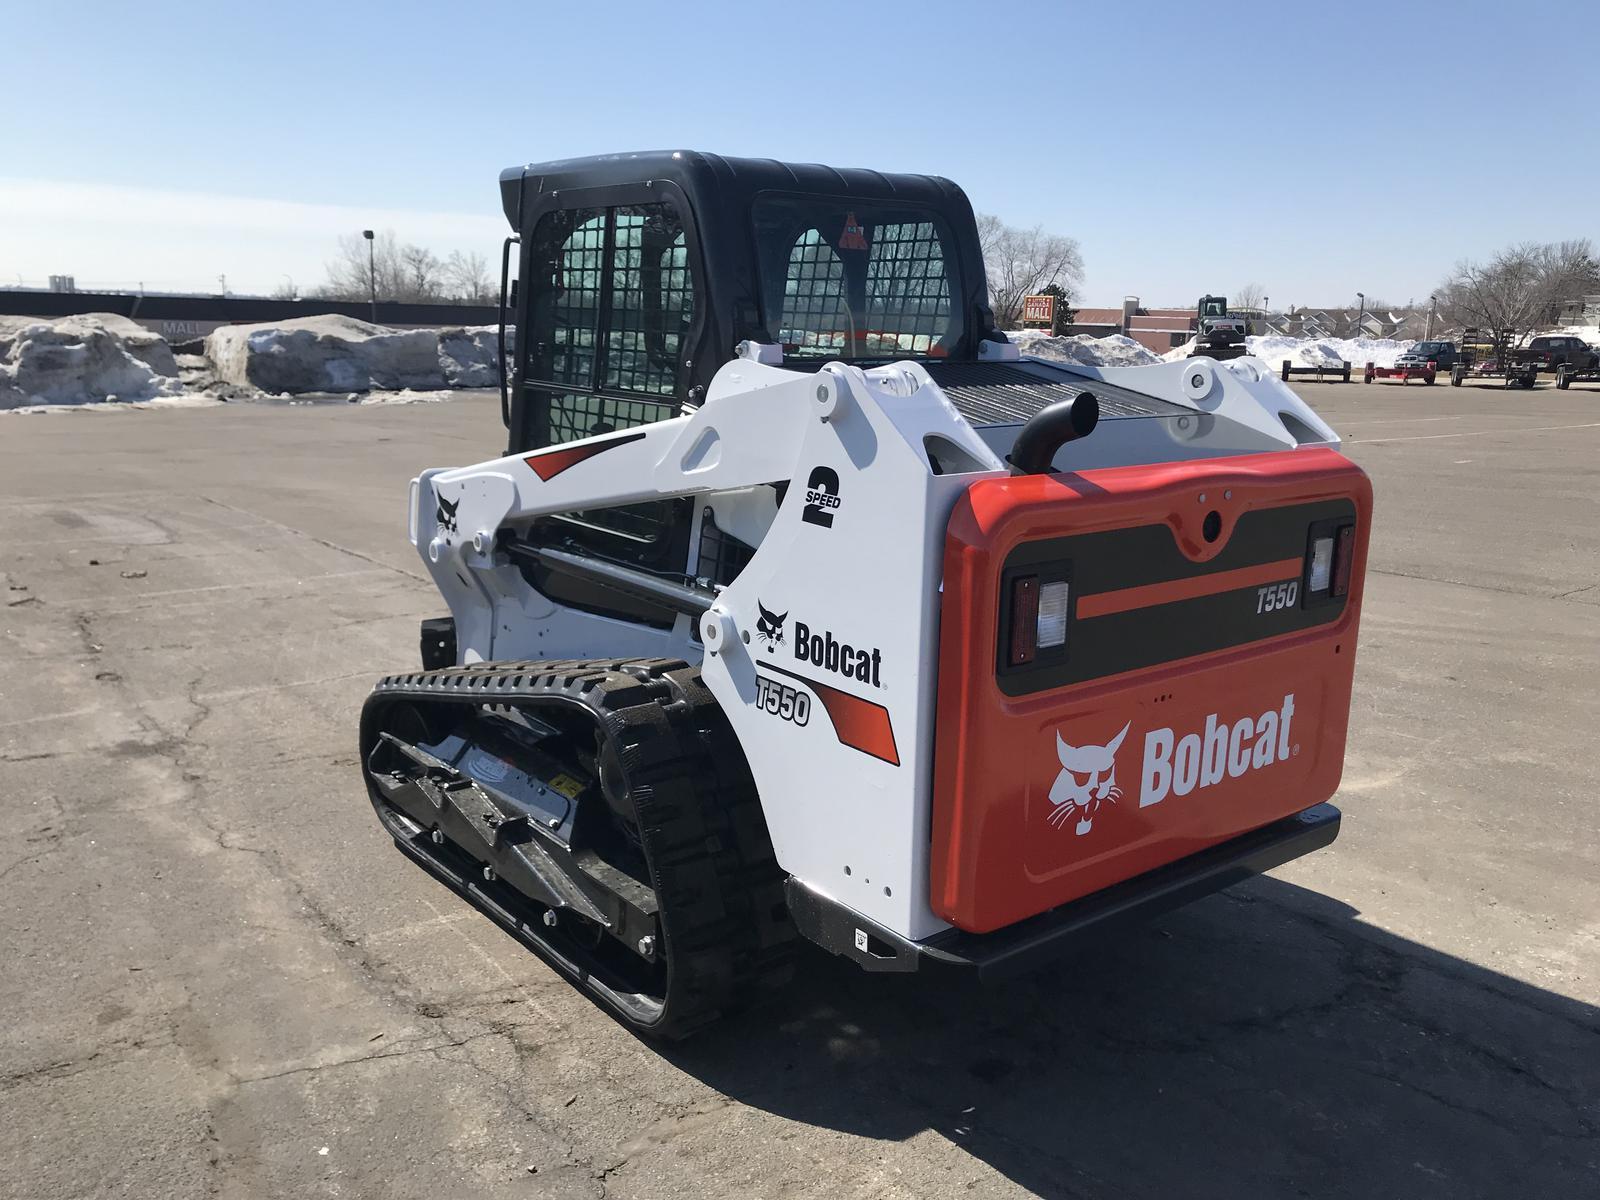 2019 Bobcat T550 Roller Suspension Option for sale in Little